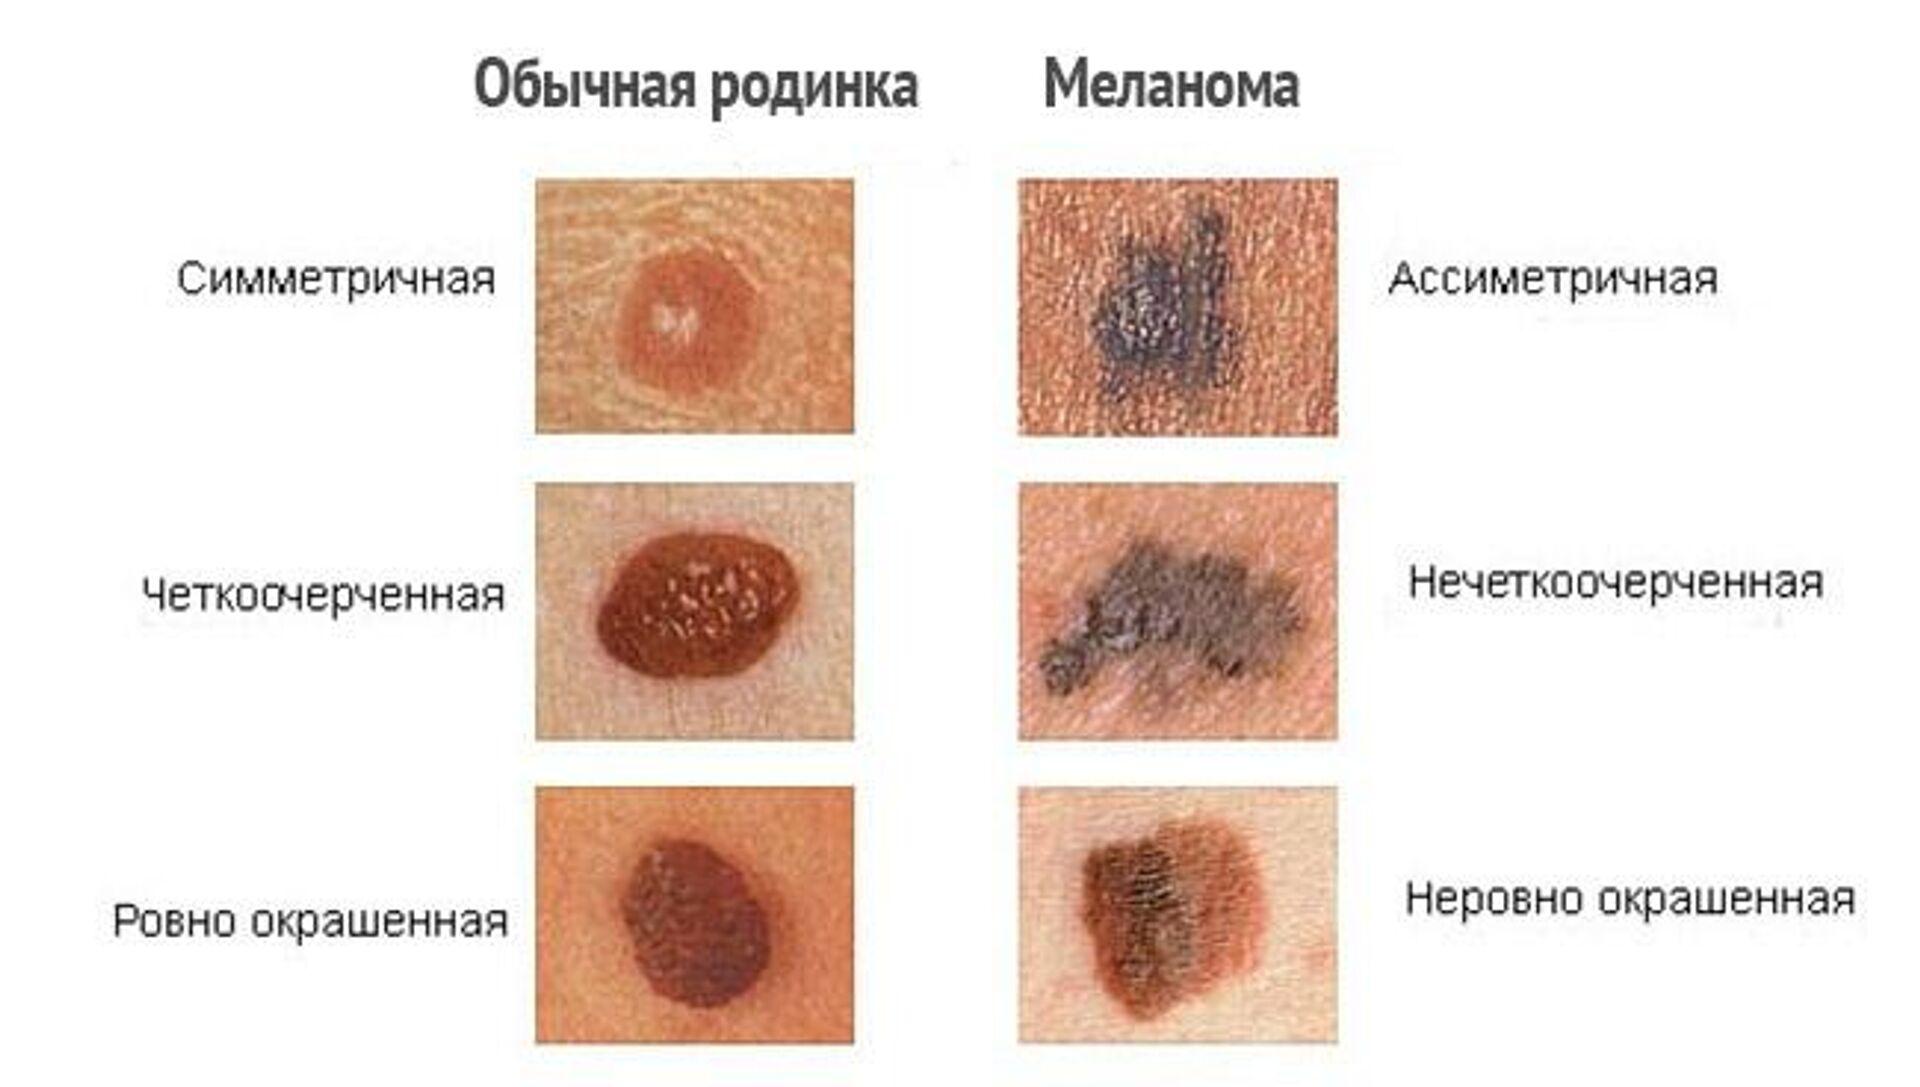 Родинка или рак: как распознать меланому? - Sputnik Беларусь, 1920, 27.09.2021